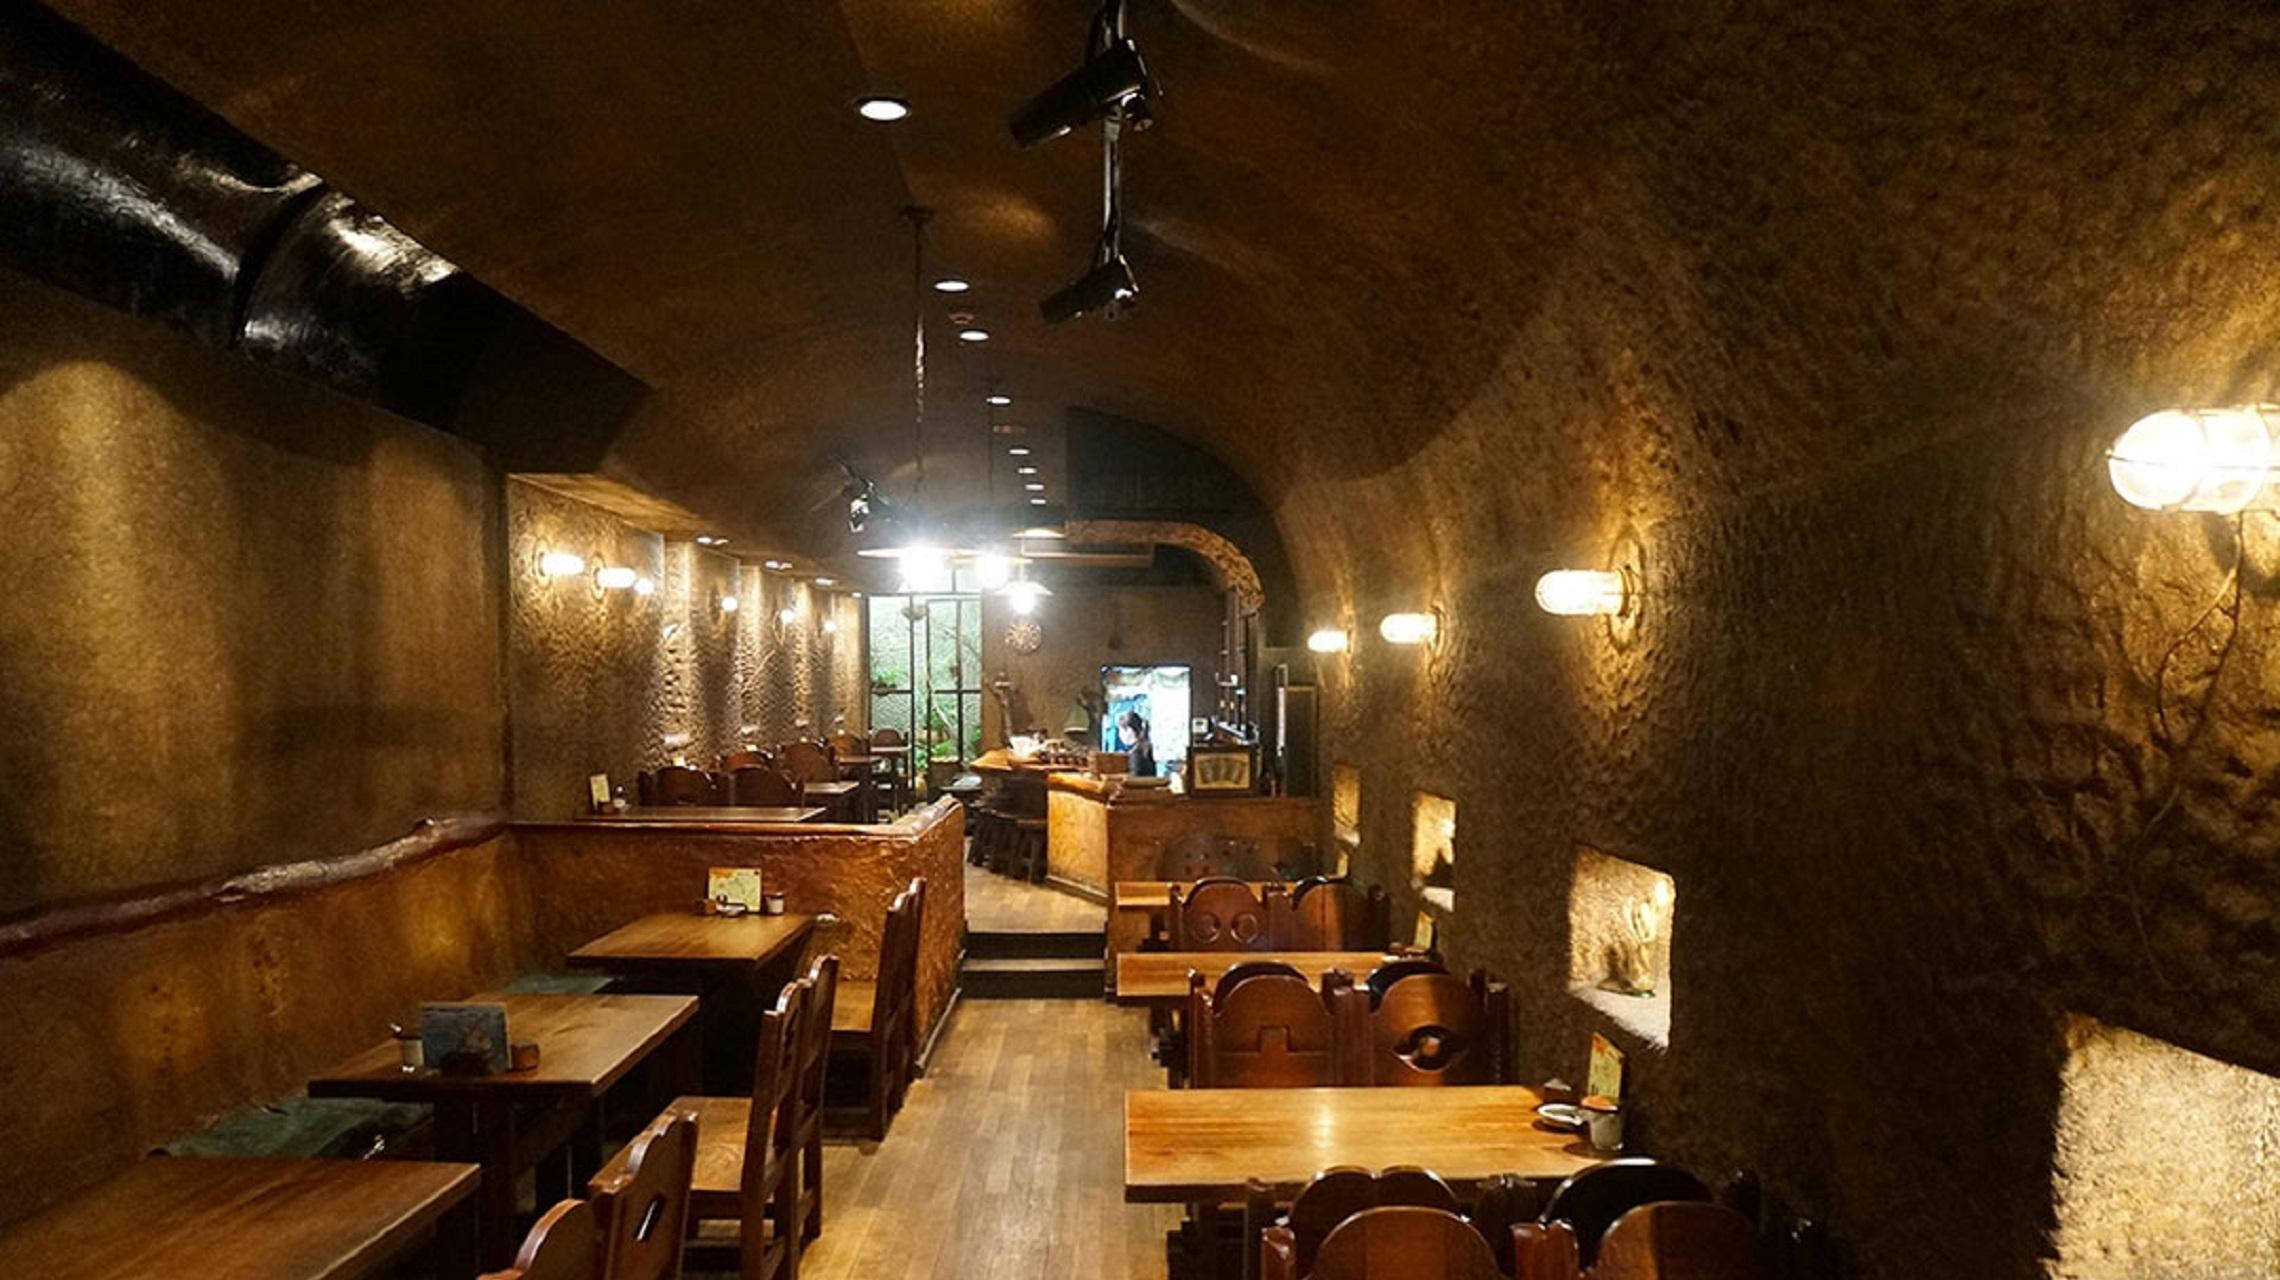 ずっと変わらない。吉祥寺の洞窟喫茶「くぐつ草」で過ごす穏やかな自分時間